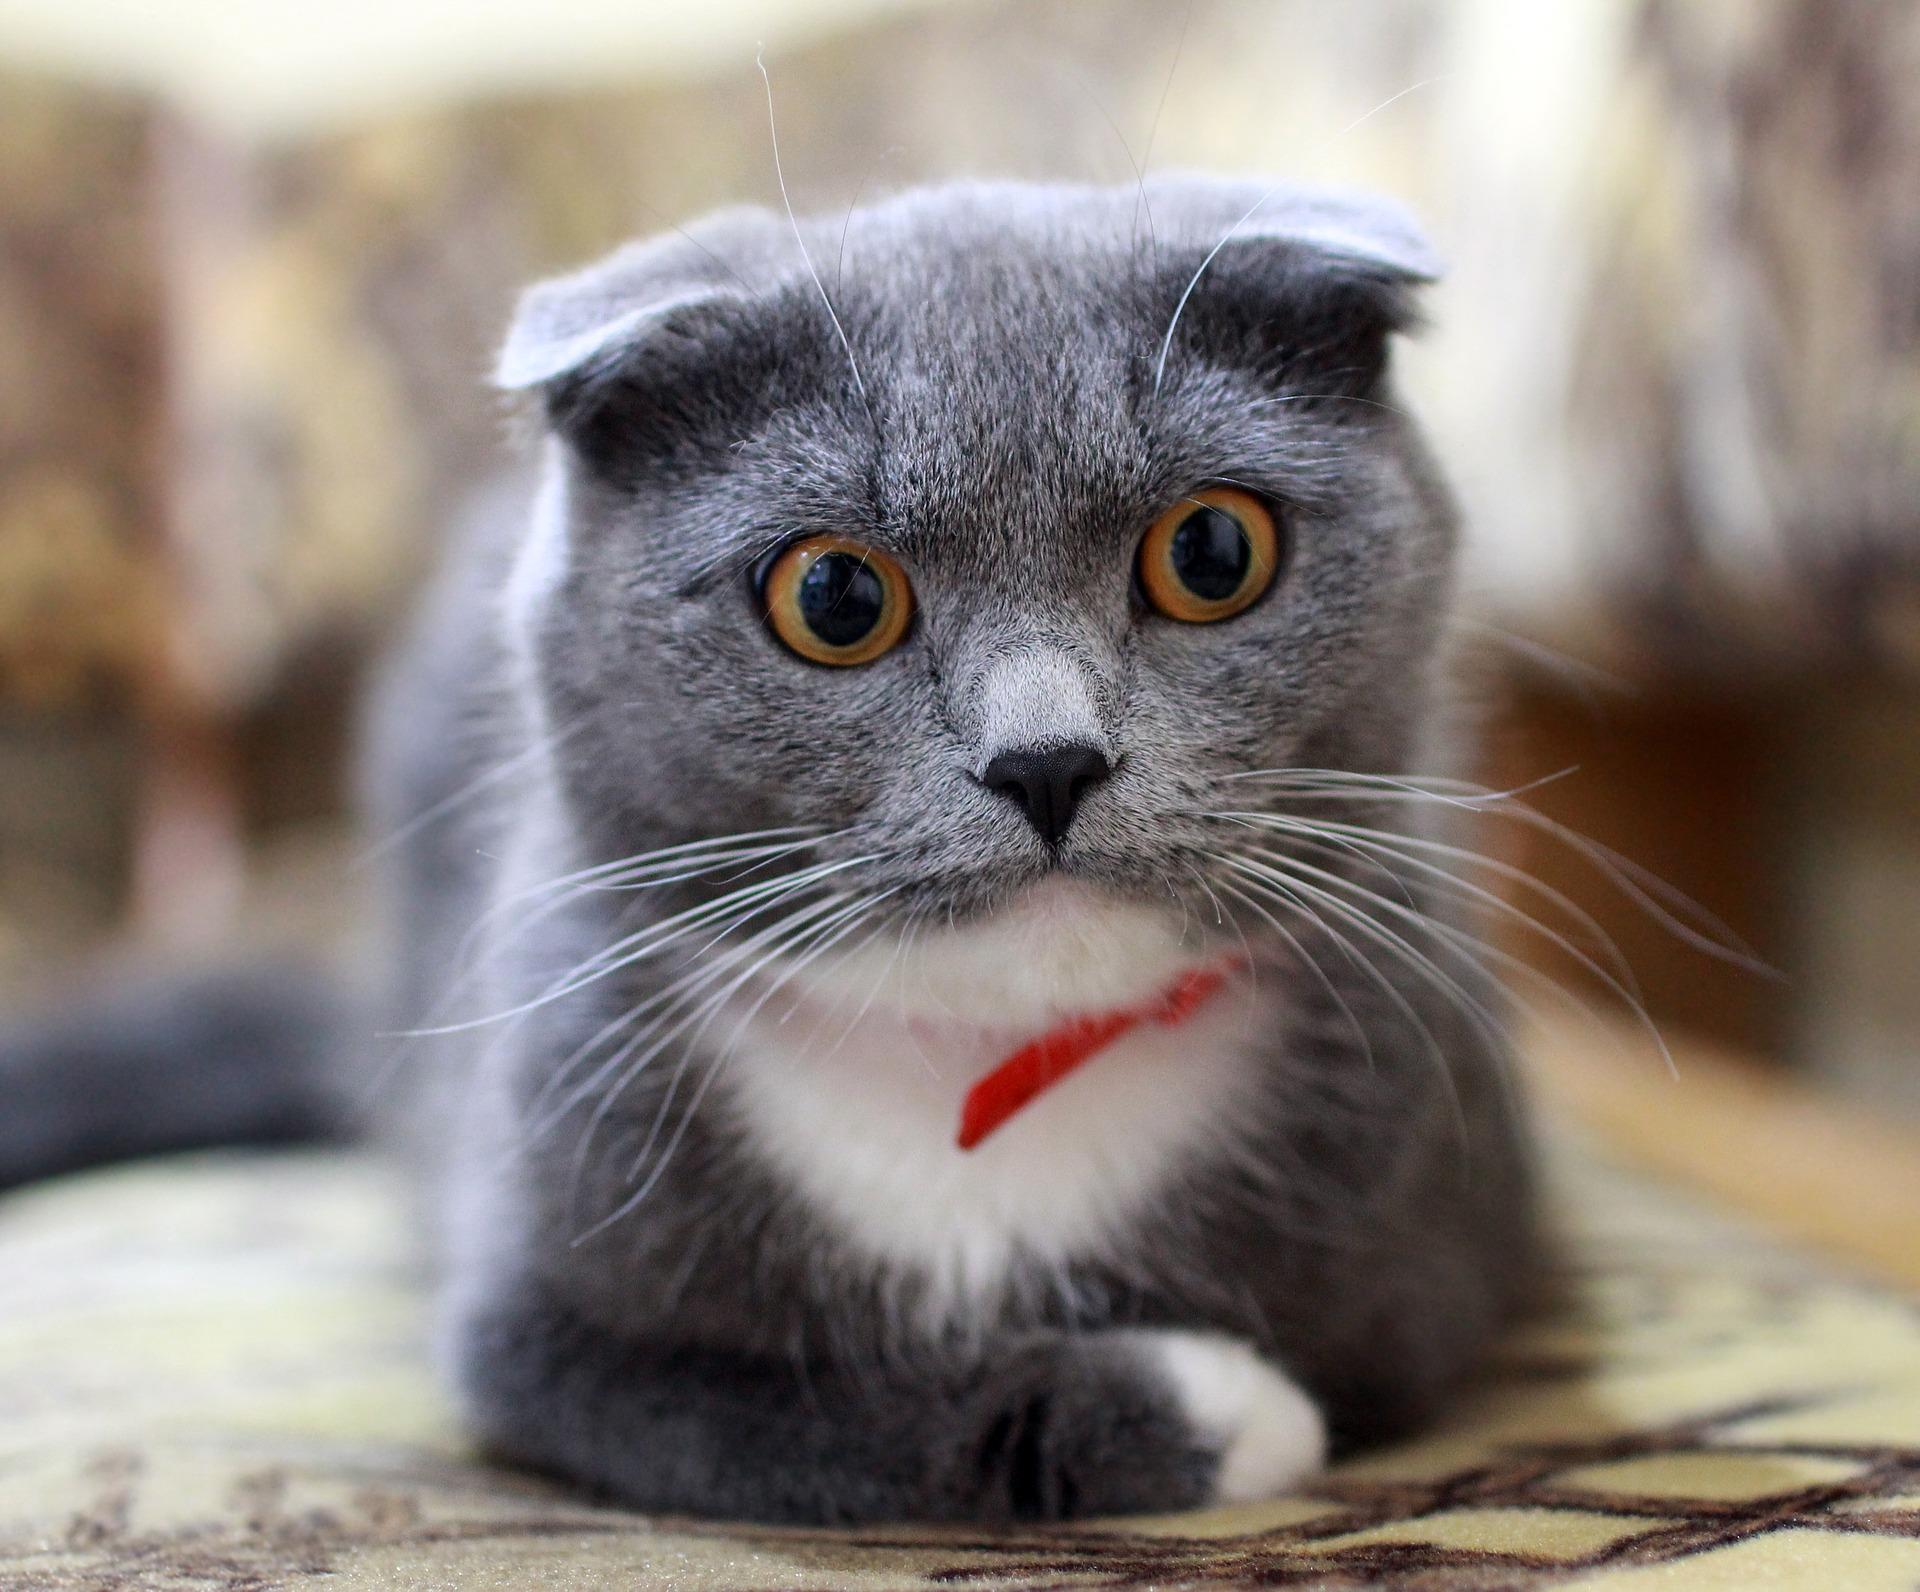 10 Cose da non fare al gatto: gli errori più comuni